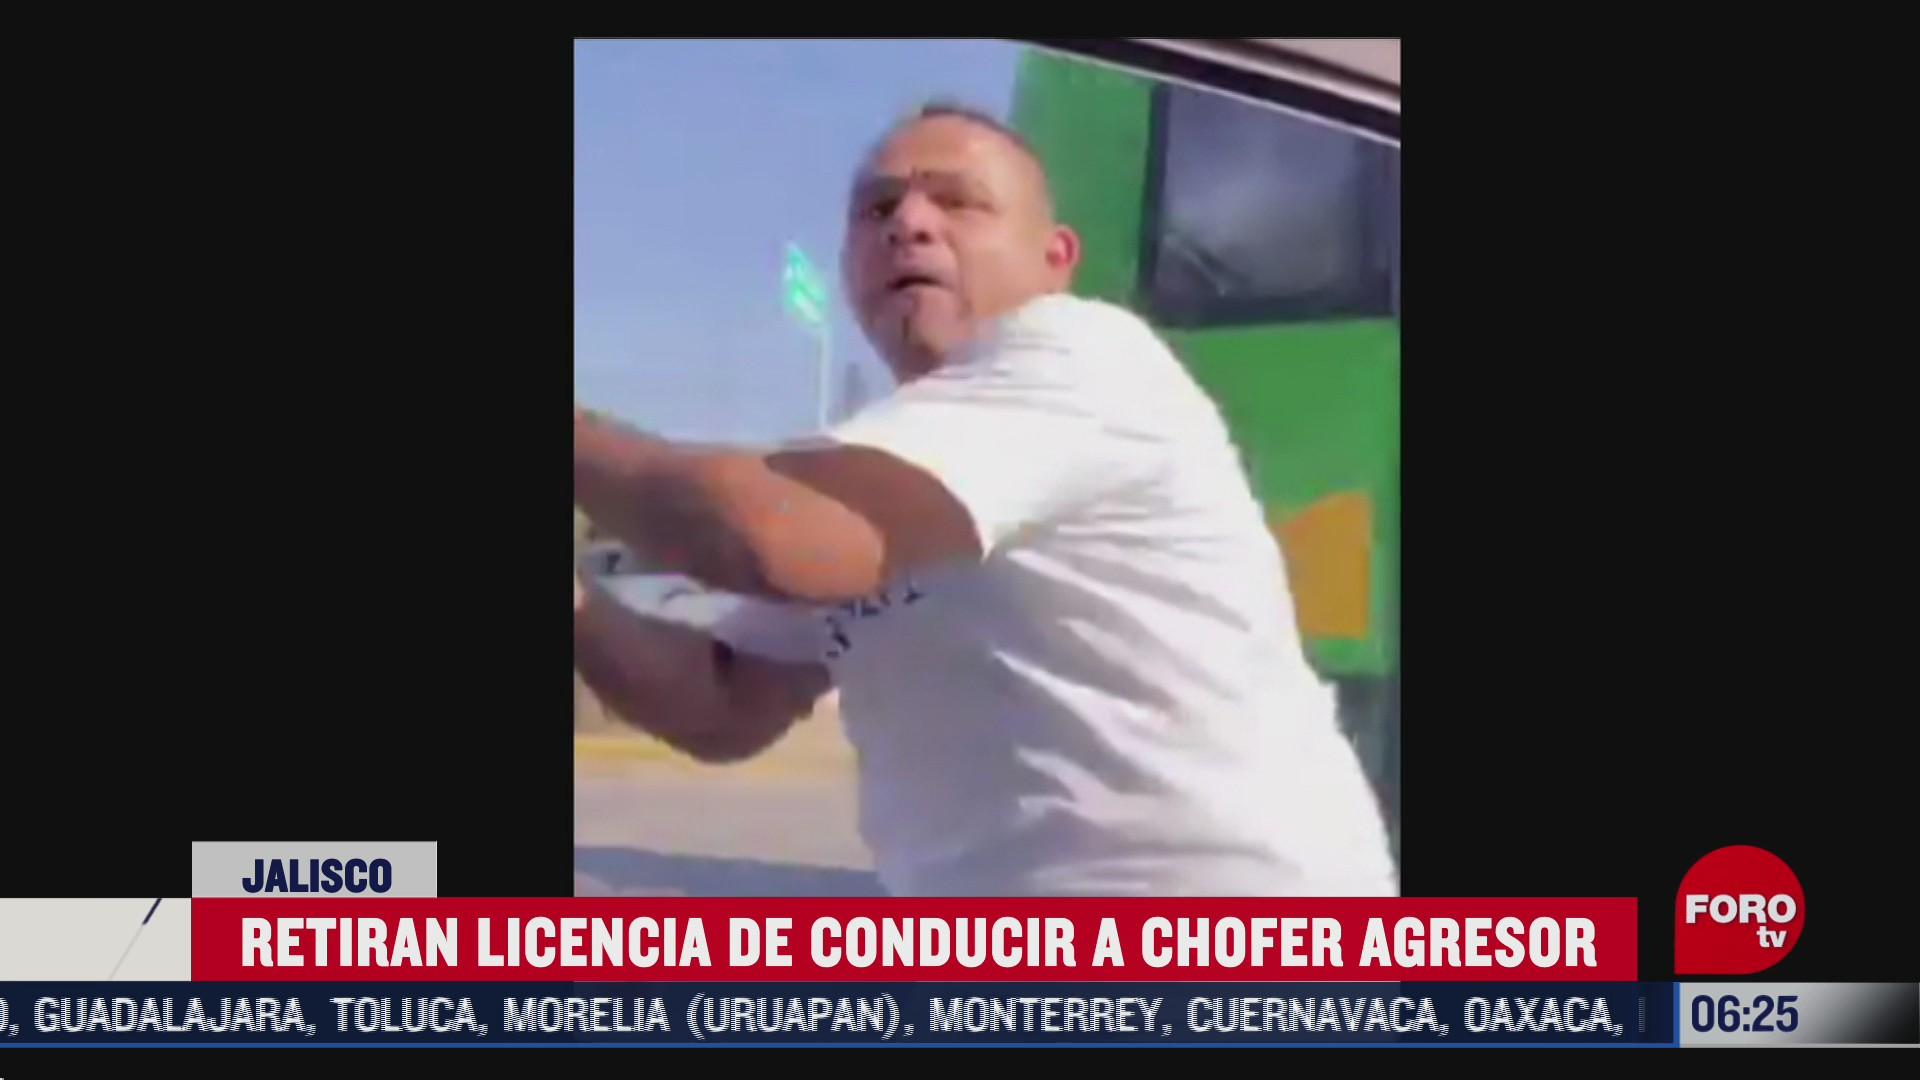 retiran licencia de conducir a chofer agresor en jalisco